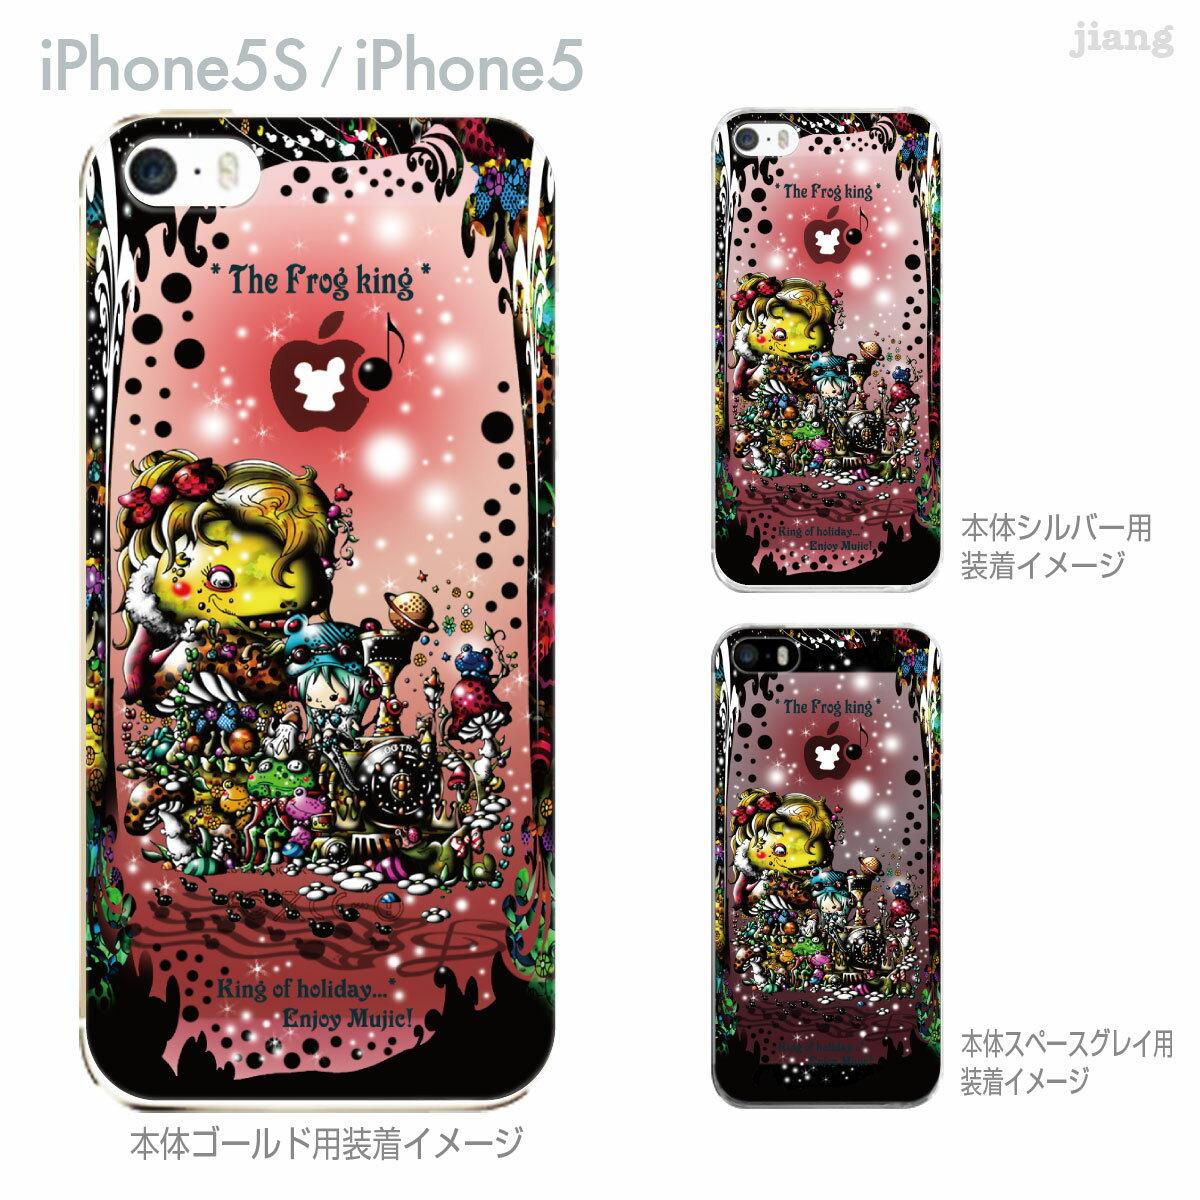 【iPhone5S】【iPhone5】【Little World】【iPhone5ケース】【カバー】【スマホケース】【クリアケース】【イラスト】【Clear Arts】【グリム童話】【かえるの王様】 25-ip5s-am0098